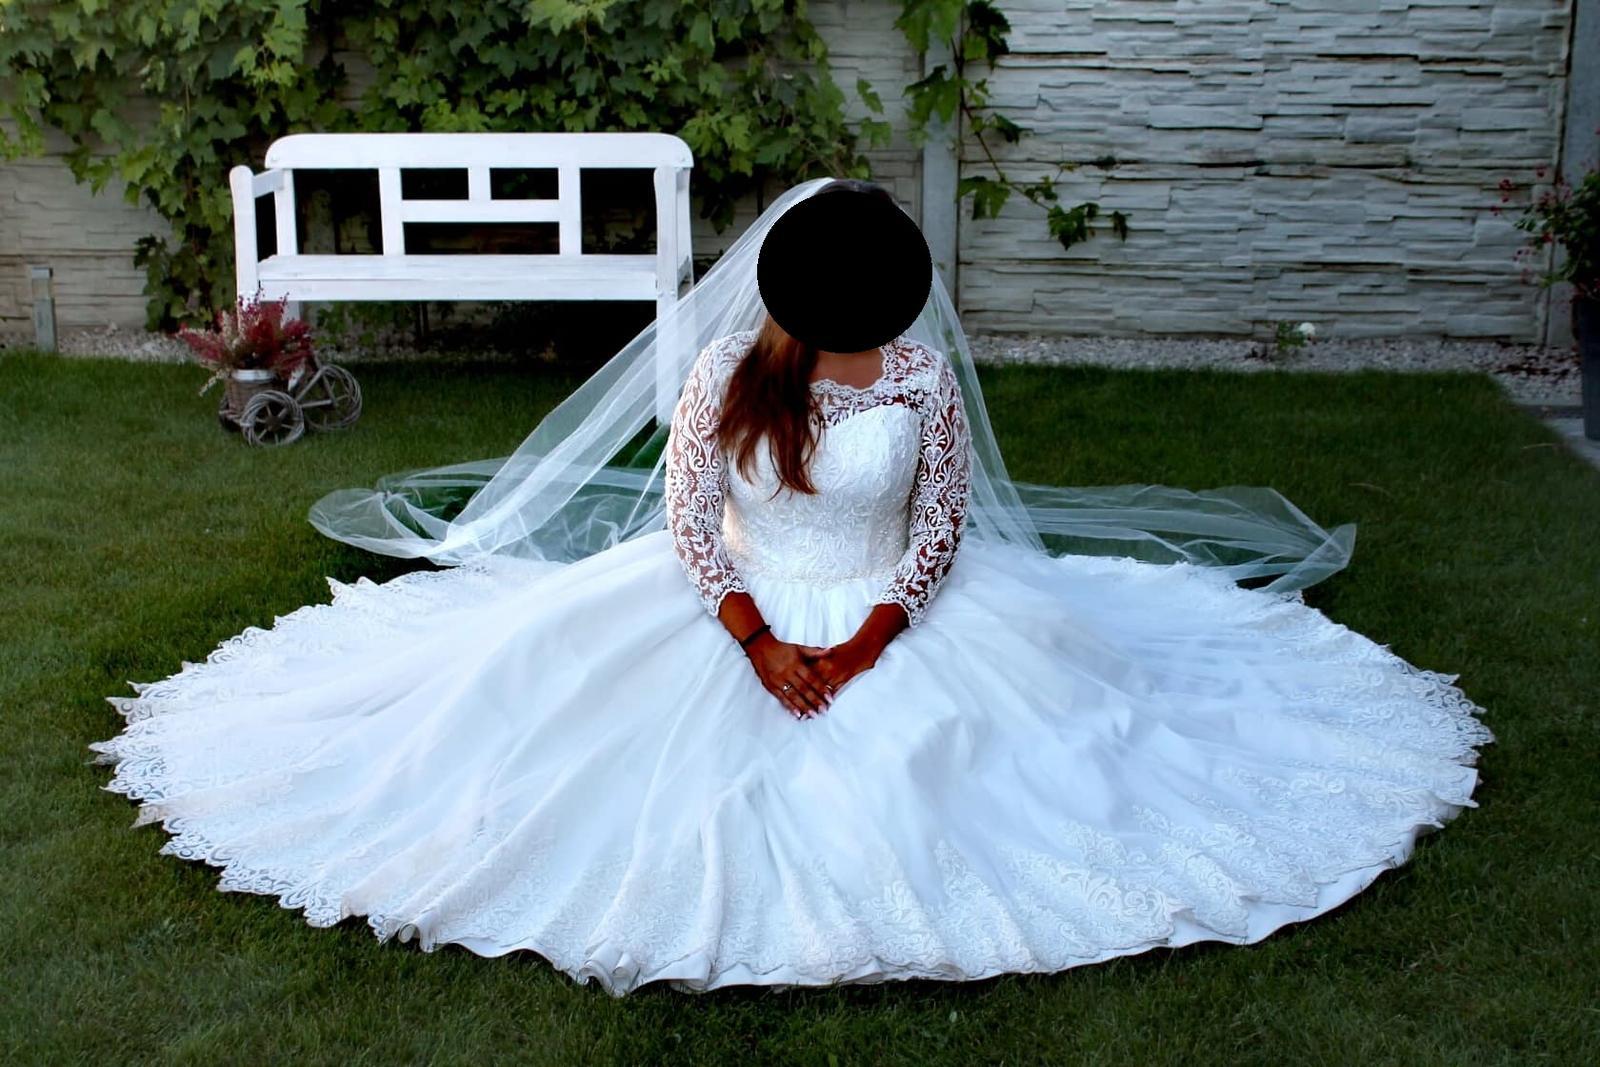 svadobné šaty top kvalita - Obrázok č. 1